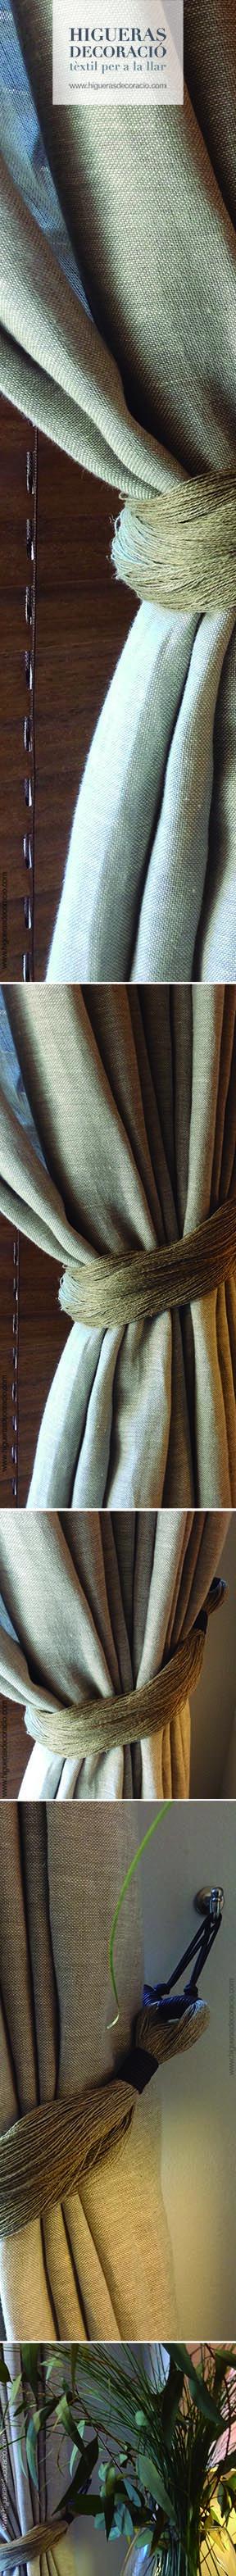 #Abrazaderas de pasamanería en lino puro.  #Abrazaderas para personalizar tus cortinas. #Abrazadera para cortinas largas. #Abraçadores de passamaneria en lli pur. #Abraçadores per personalitzar les teves cortines. #Abraçadora per a cortines llargues. www.higuerasdecoracio.com